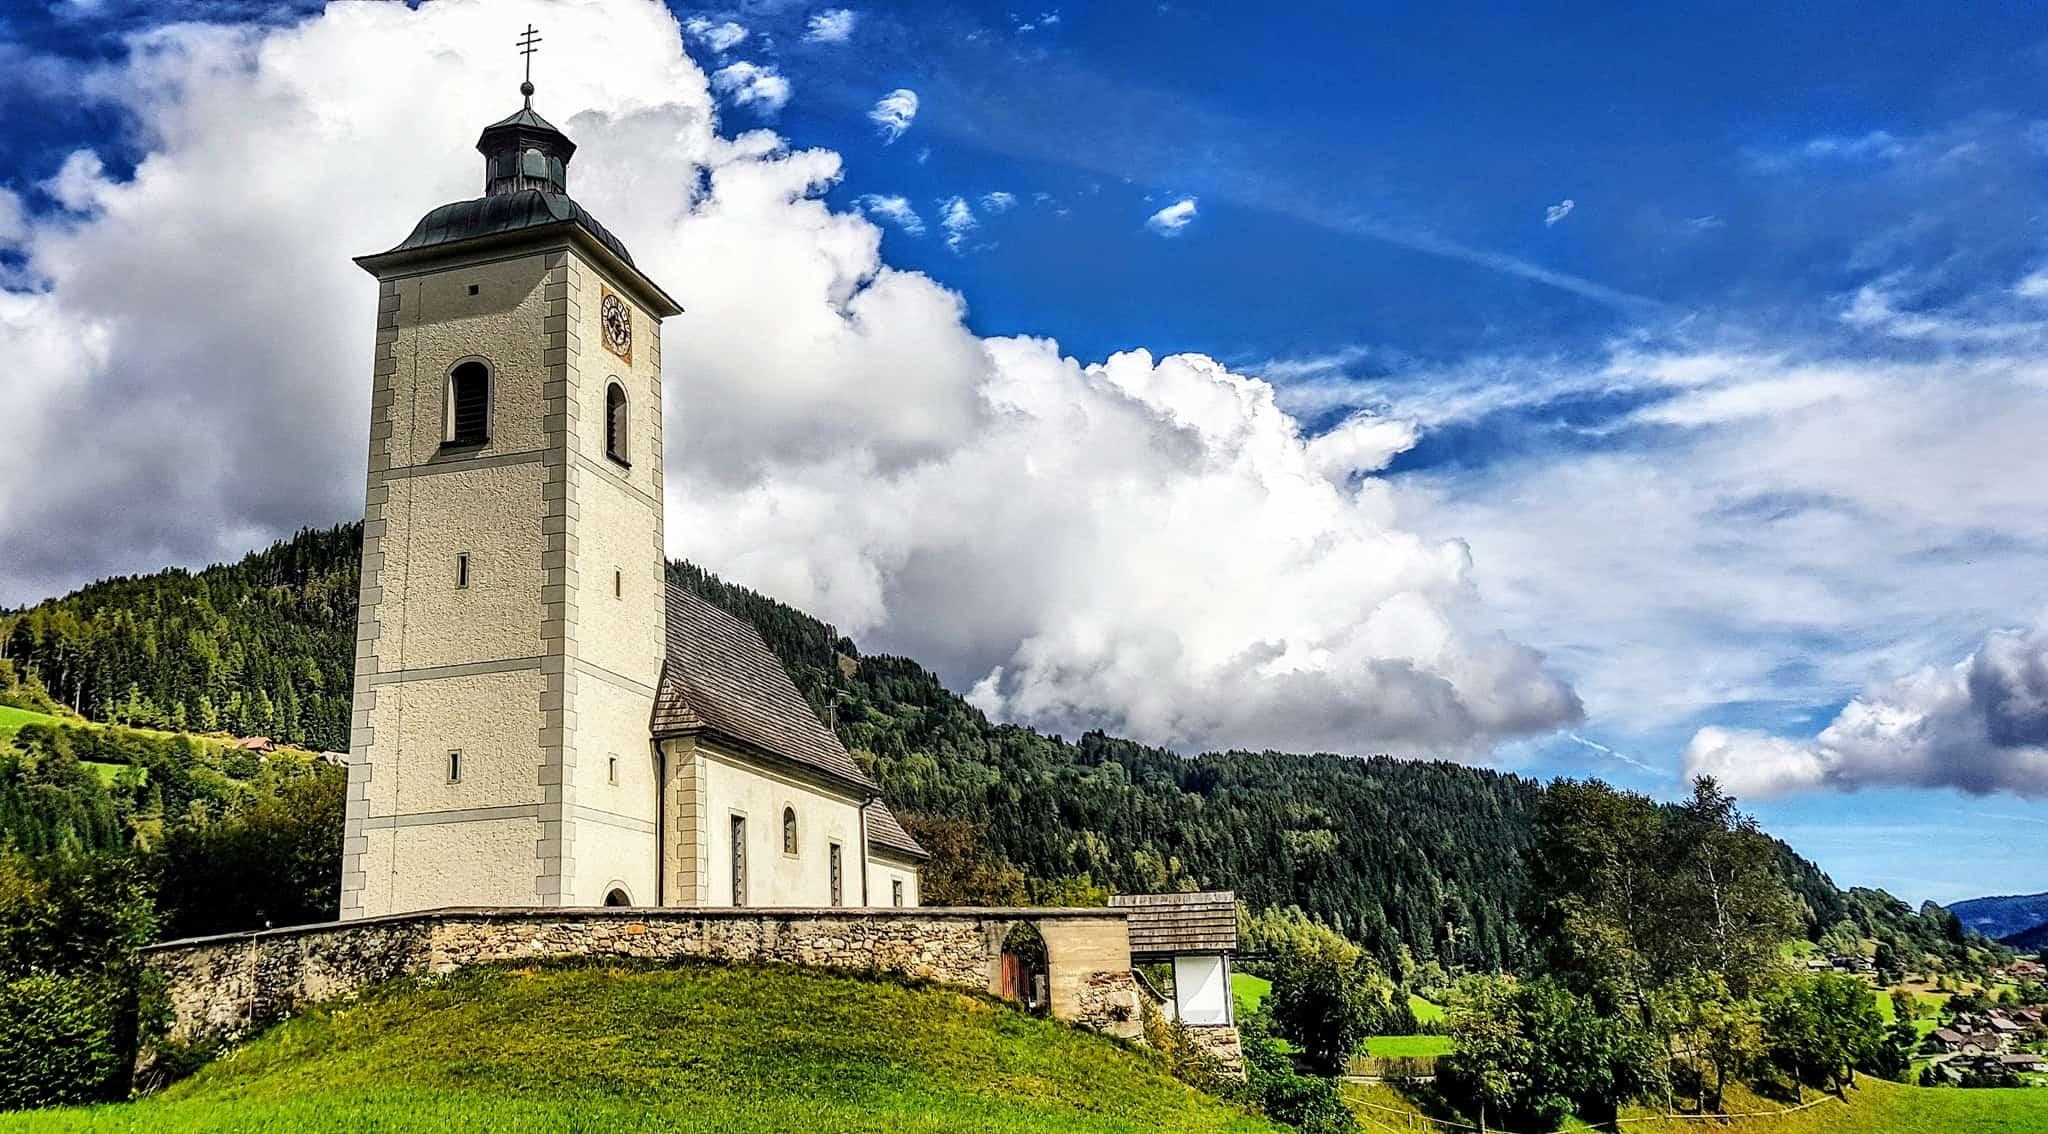 Ausflugstipp Arriach Gerlitzen Alpe - Kirche. Auch schönes Wandergebiet in Kärnten.